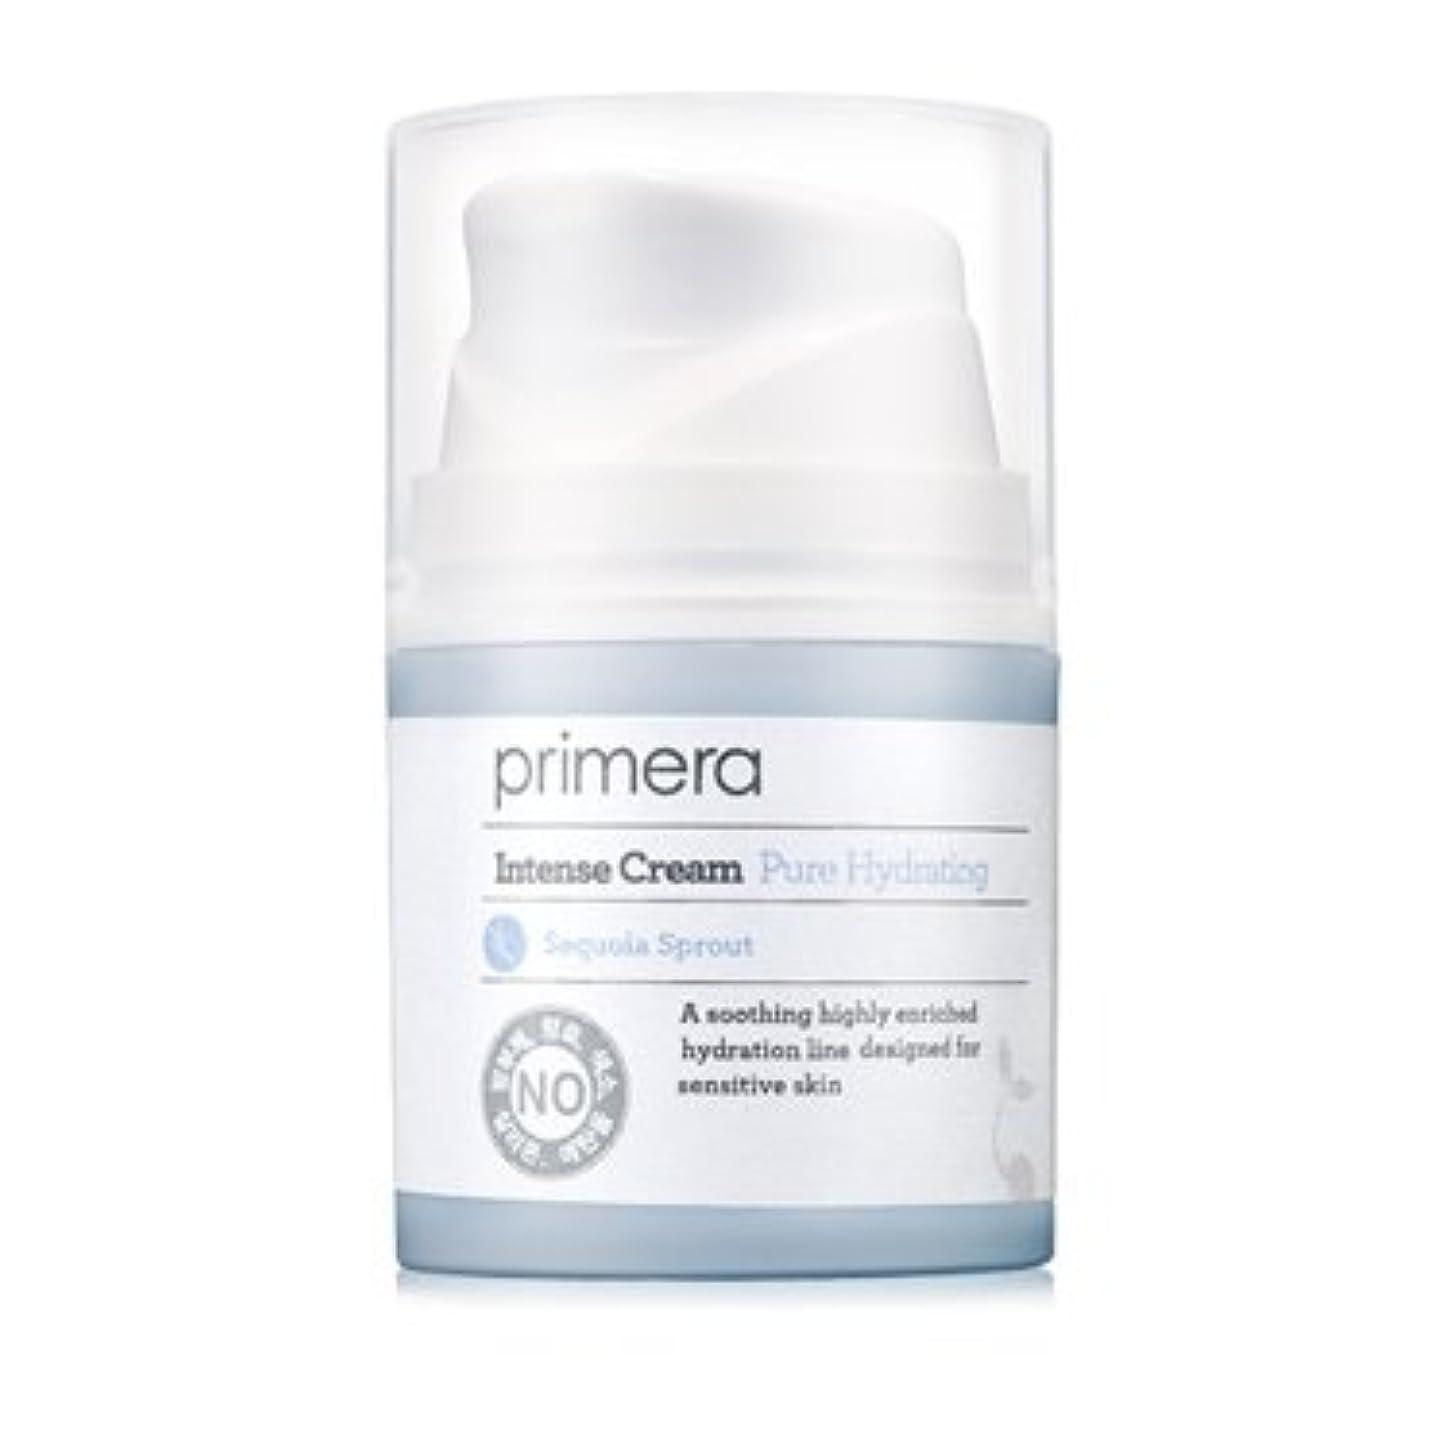 障害者かどうか収まるPRIMERA プリメラ ピュア ハイドレイティング インテンス クリーム(Pure Hydrating Intense Cream)30ml